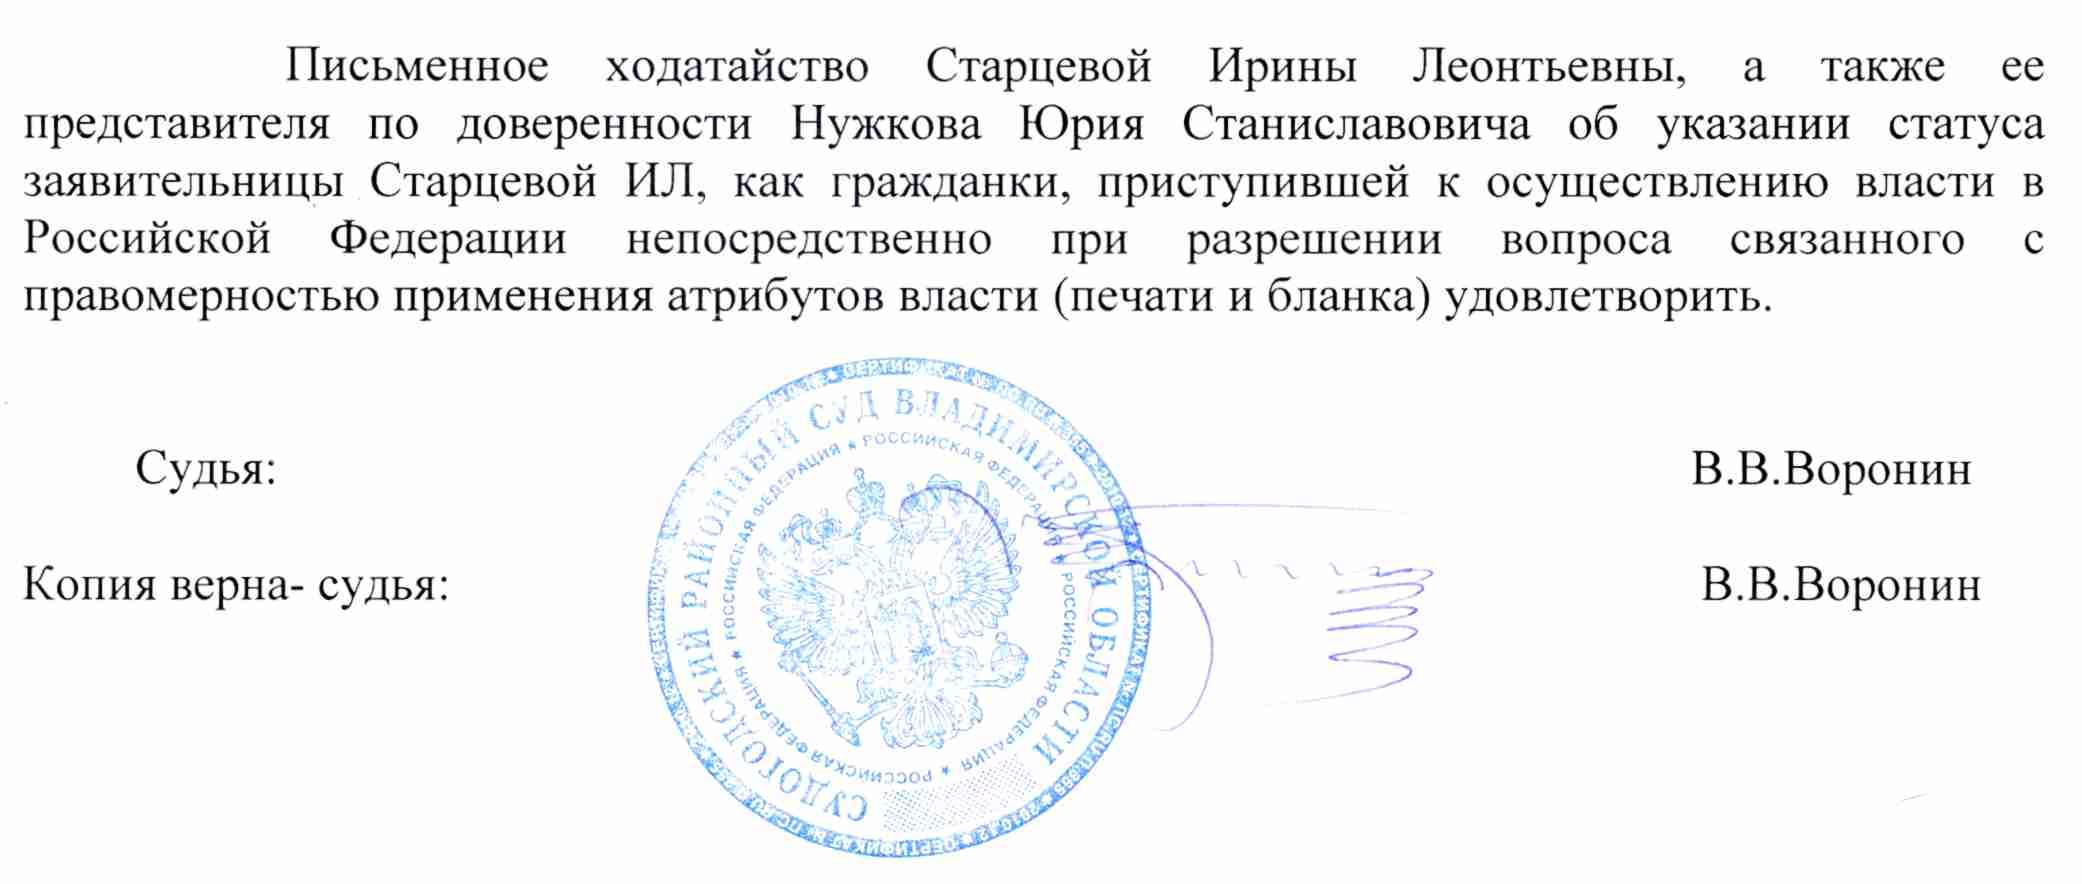 Непосредственная власть народа российской федерации исковые заявления